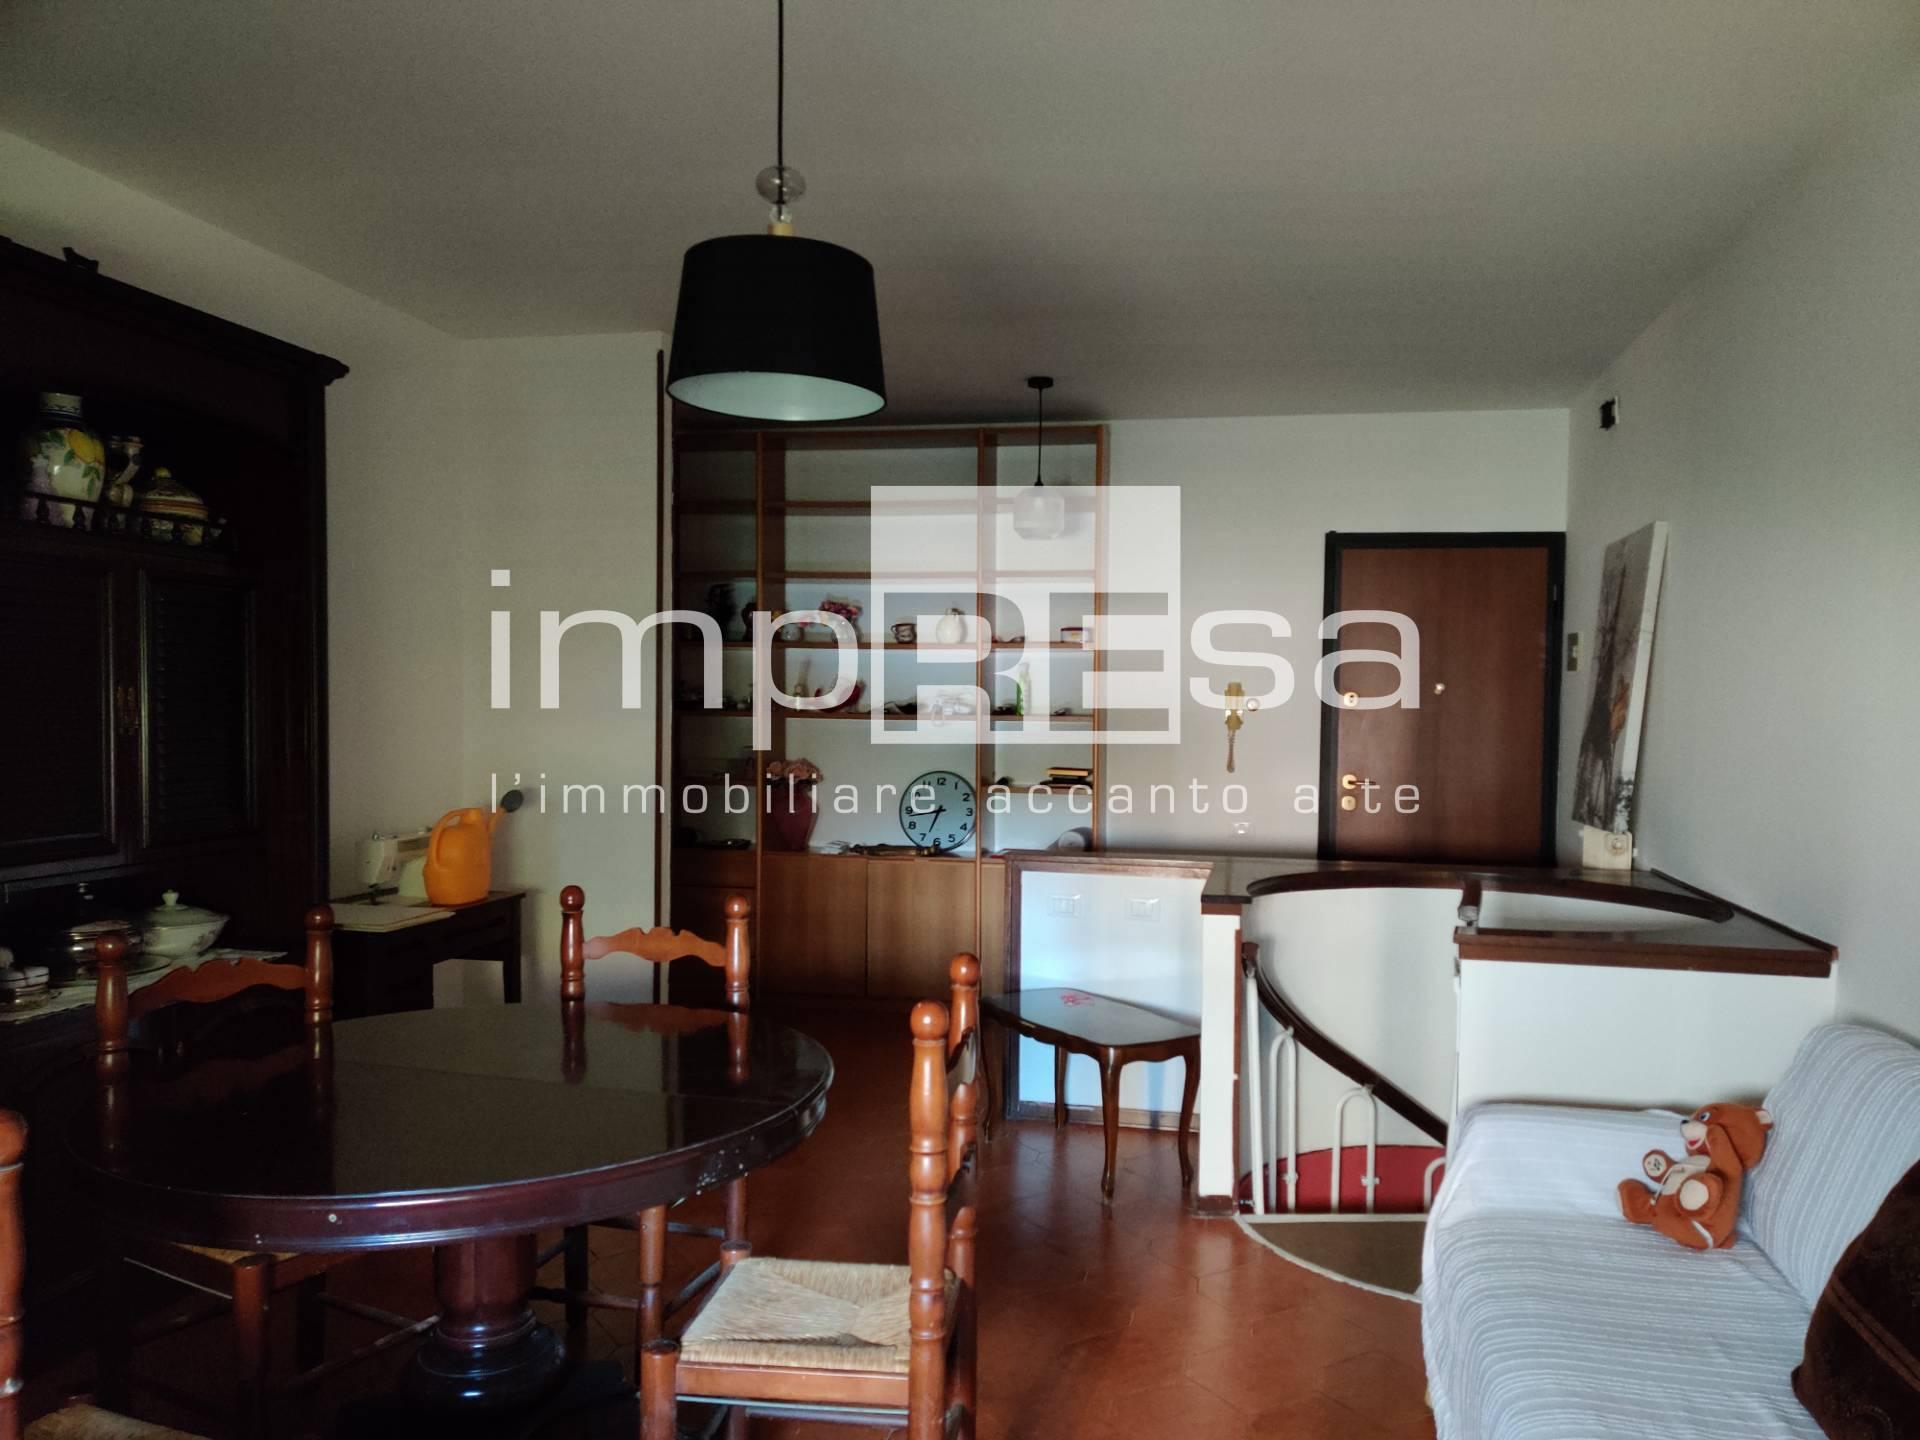 Appartamento in vendita a Casier, 4 locali, zona Località: DossondiCasier, prezzo € 120.000   PortaleAgenzieImmobiliari.it